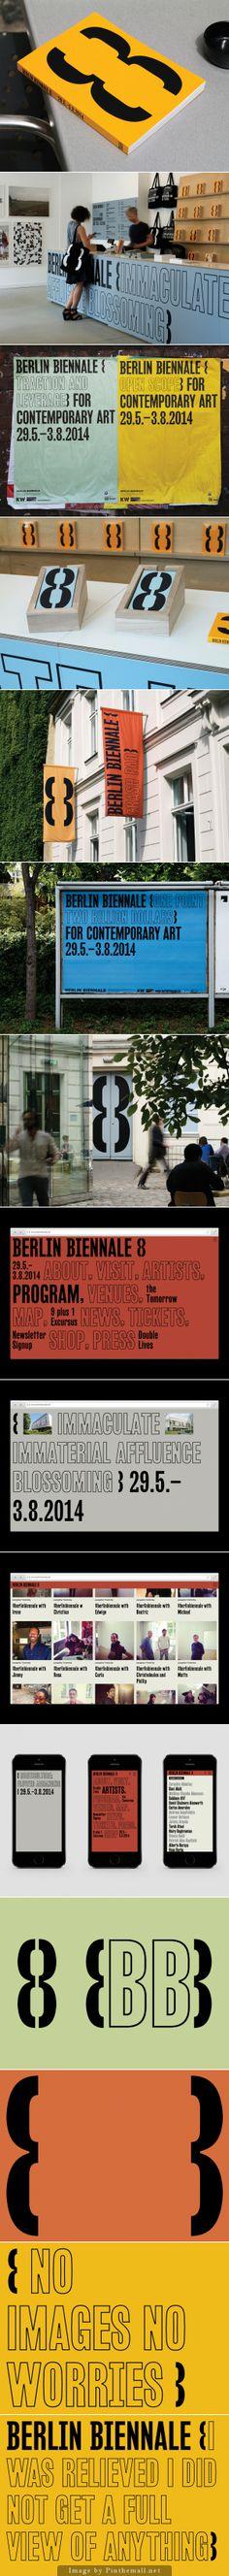 Berlin Biennale | Zak Group